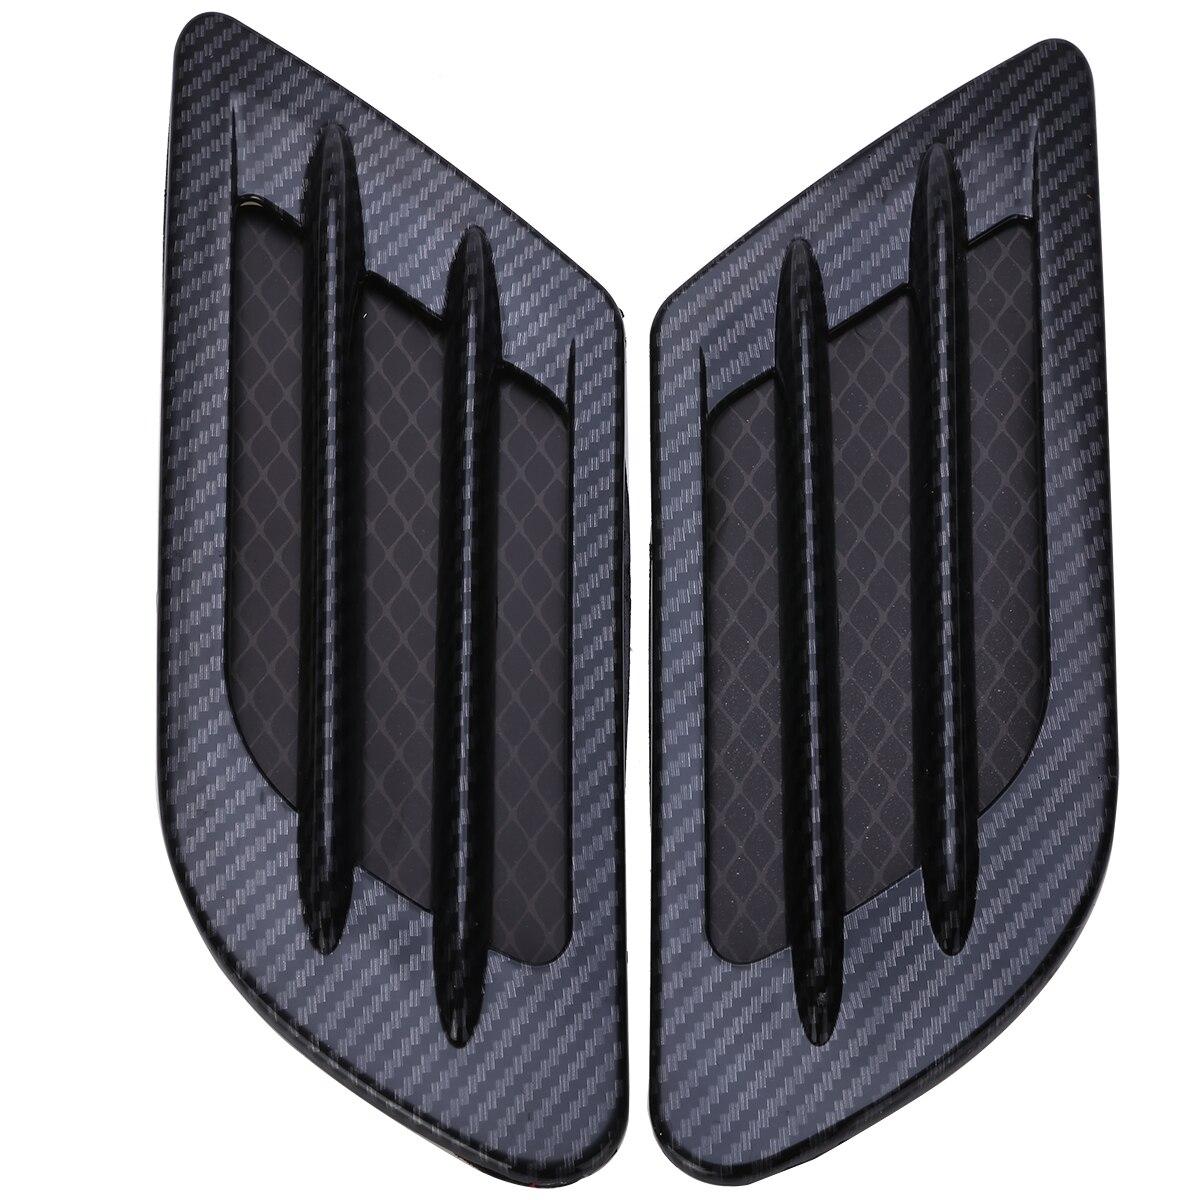 2pcs Car Styling Carbon Fiber Side Vent Air Flow Bonnet Hood Fender Sticker Decor Car Accessories